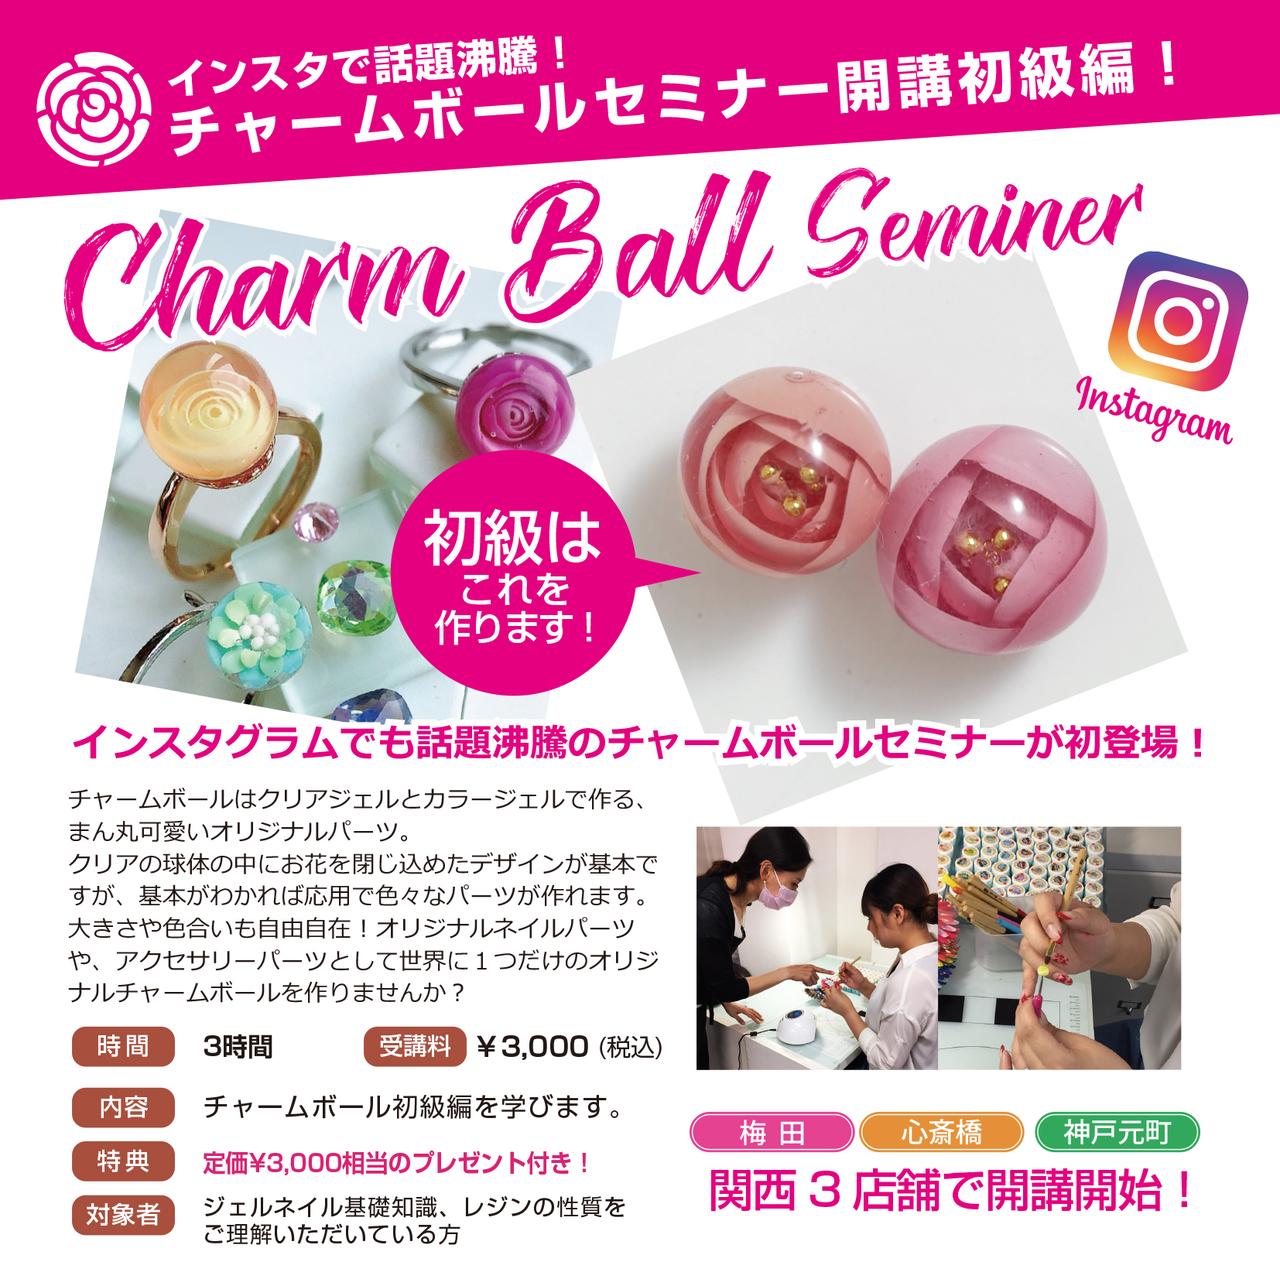 【大阪梅田】チャームボールhow-toセミナー初級編